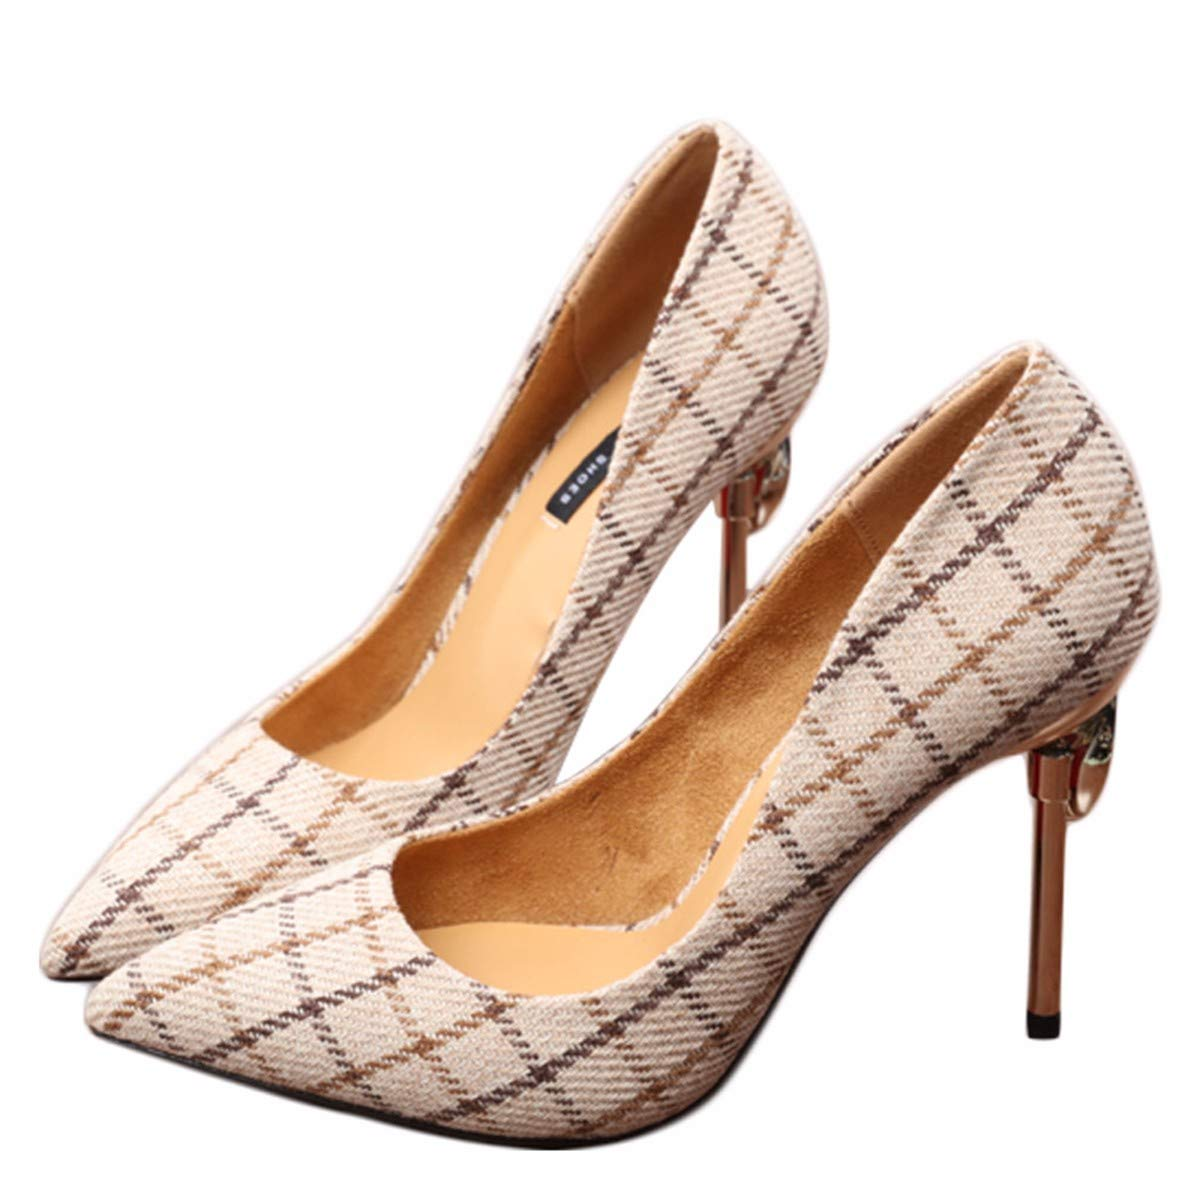 KPHY Schuhe Damenschuhe/Einzelne Schuhe KPHY Hochhackigen 10Cm Multi-Touch-Sharp Sagte Gitter Bohrer Dünn und Flach In Den Mund.Gray 37 - 754f81